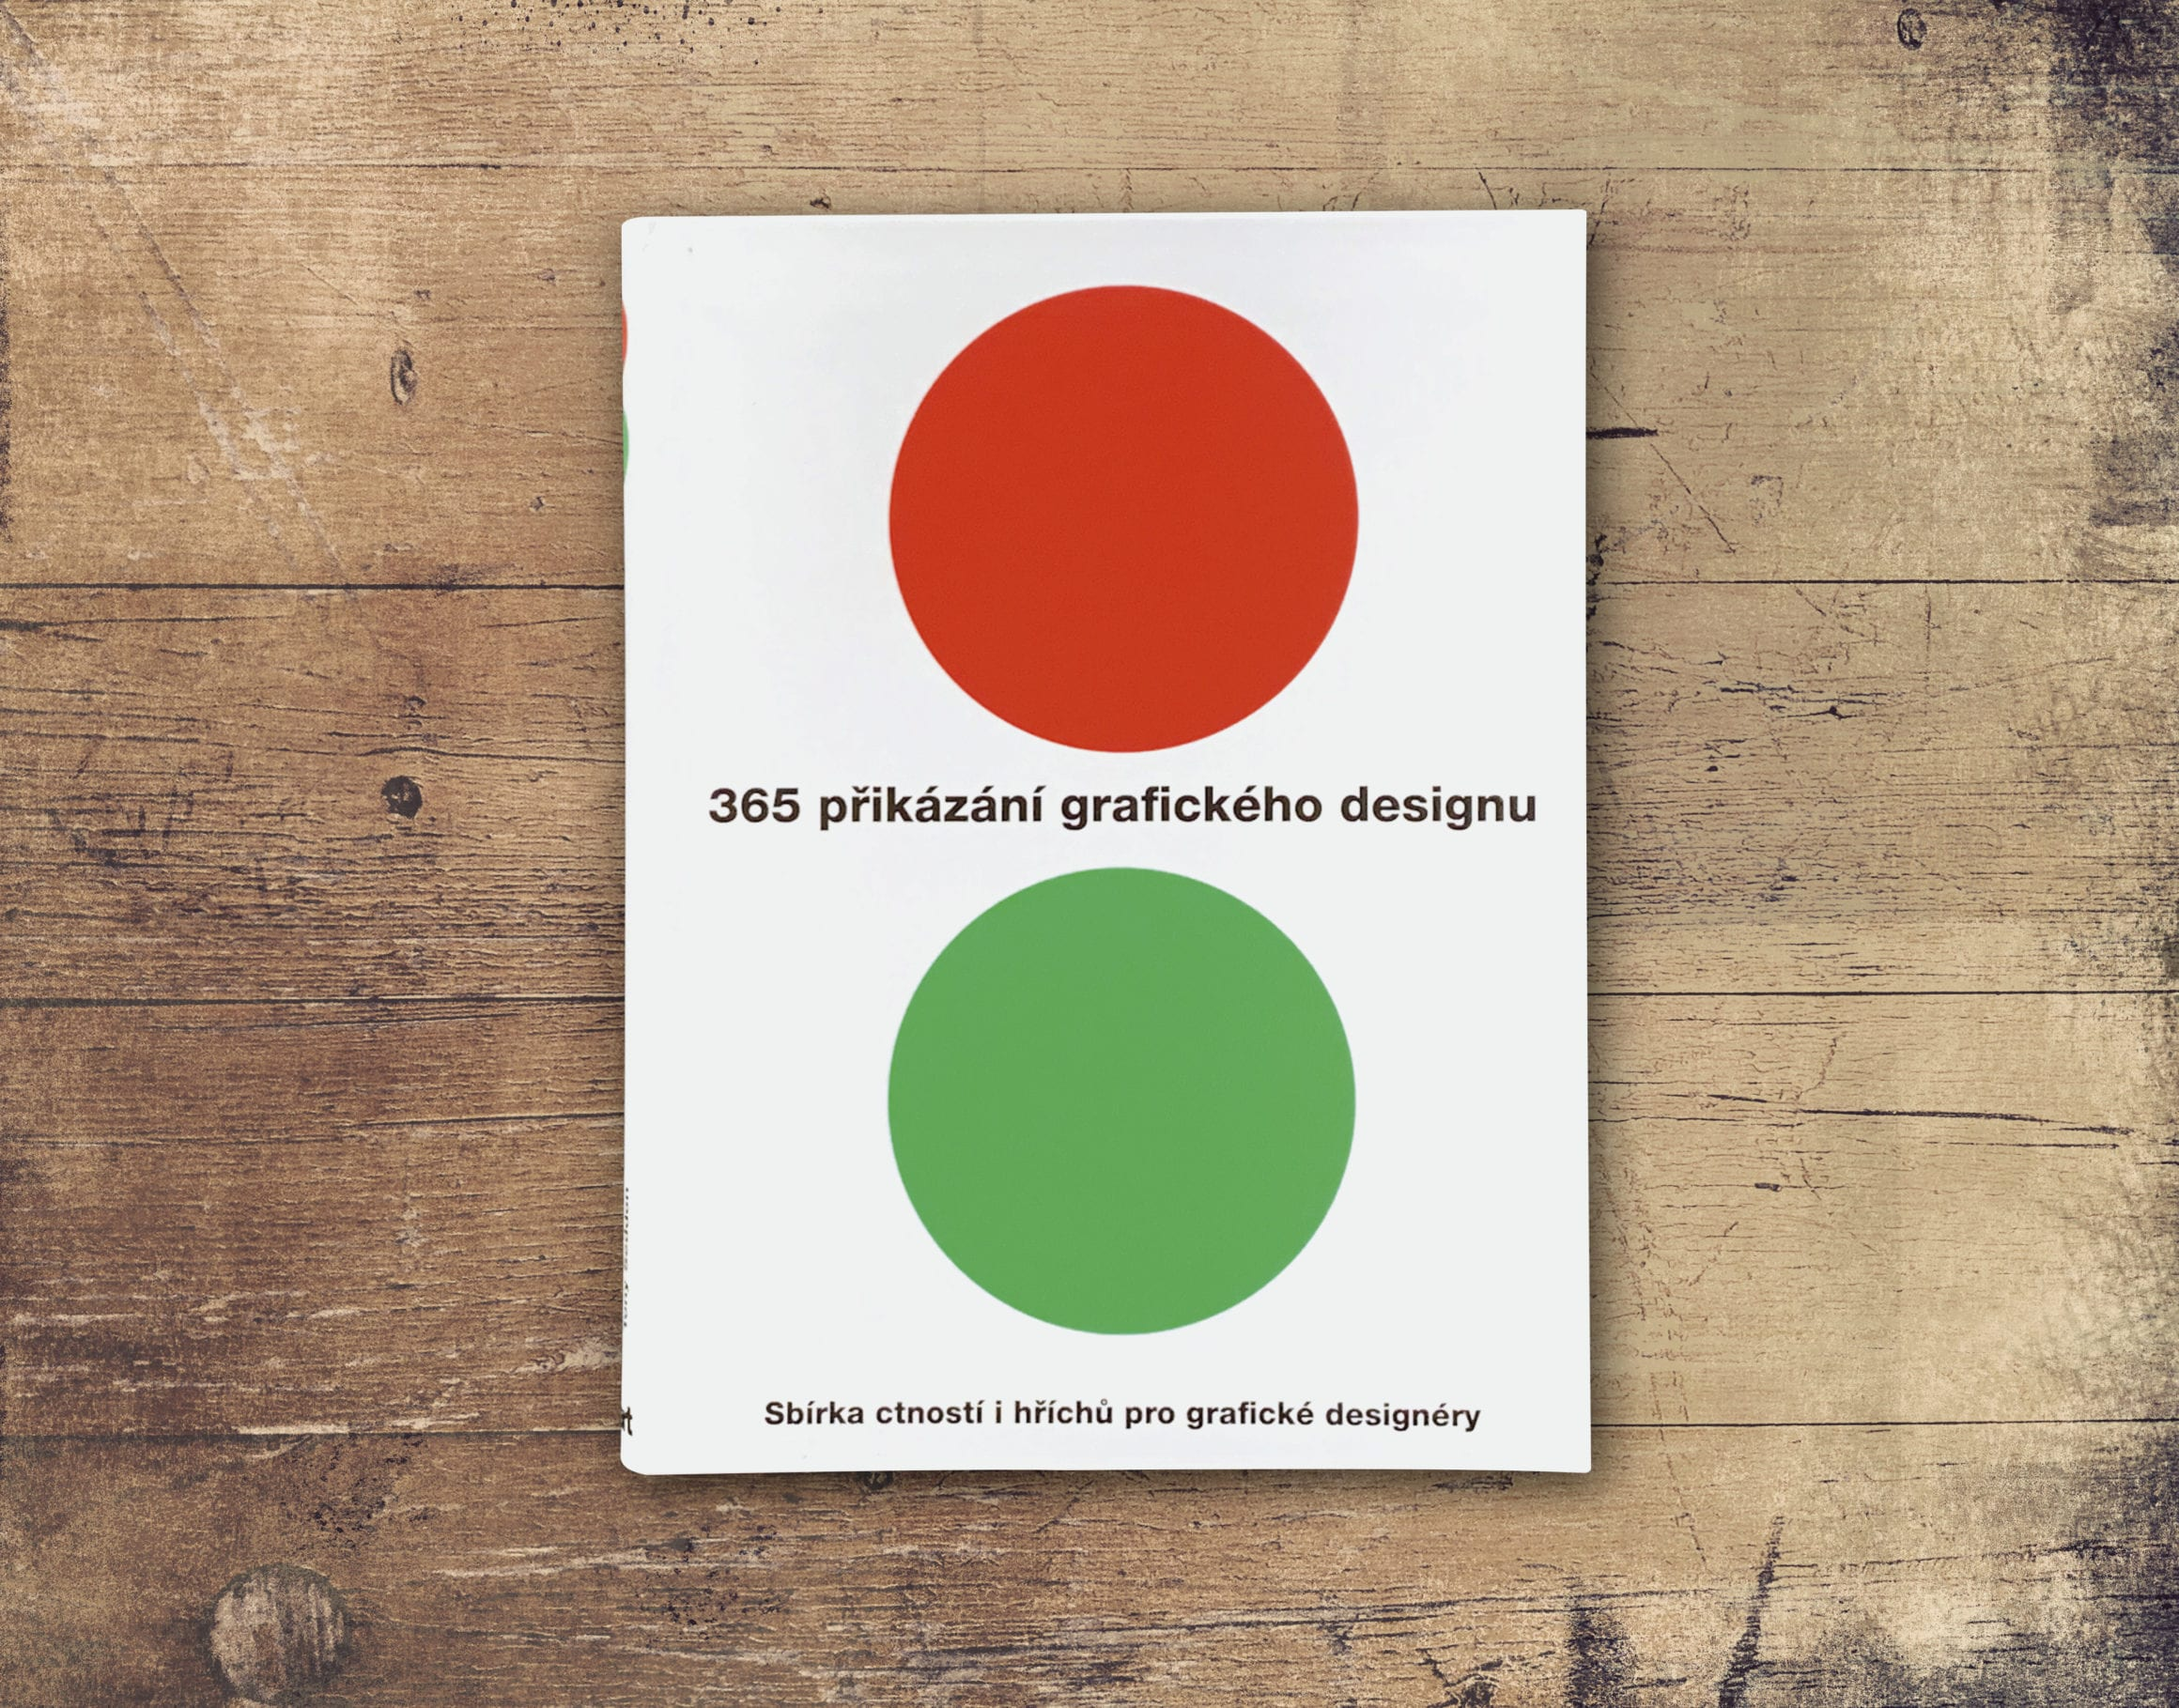 365 prikazani grafickeho designu - Staň sa členom FB skupiny DeTePe [dtp] a vyhraj knihu – víťaz